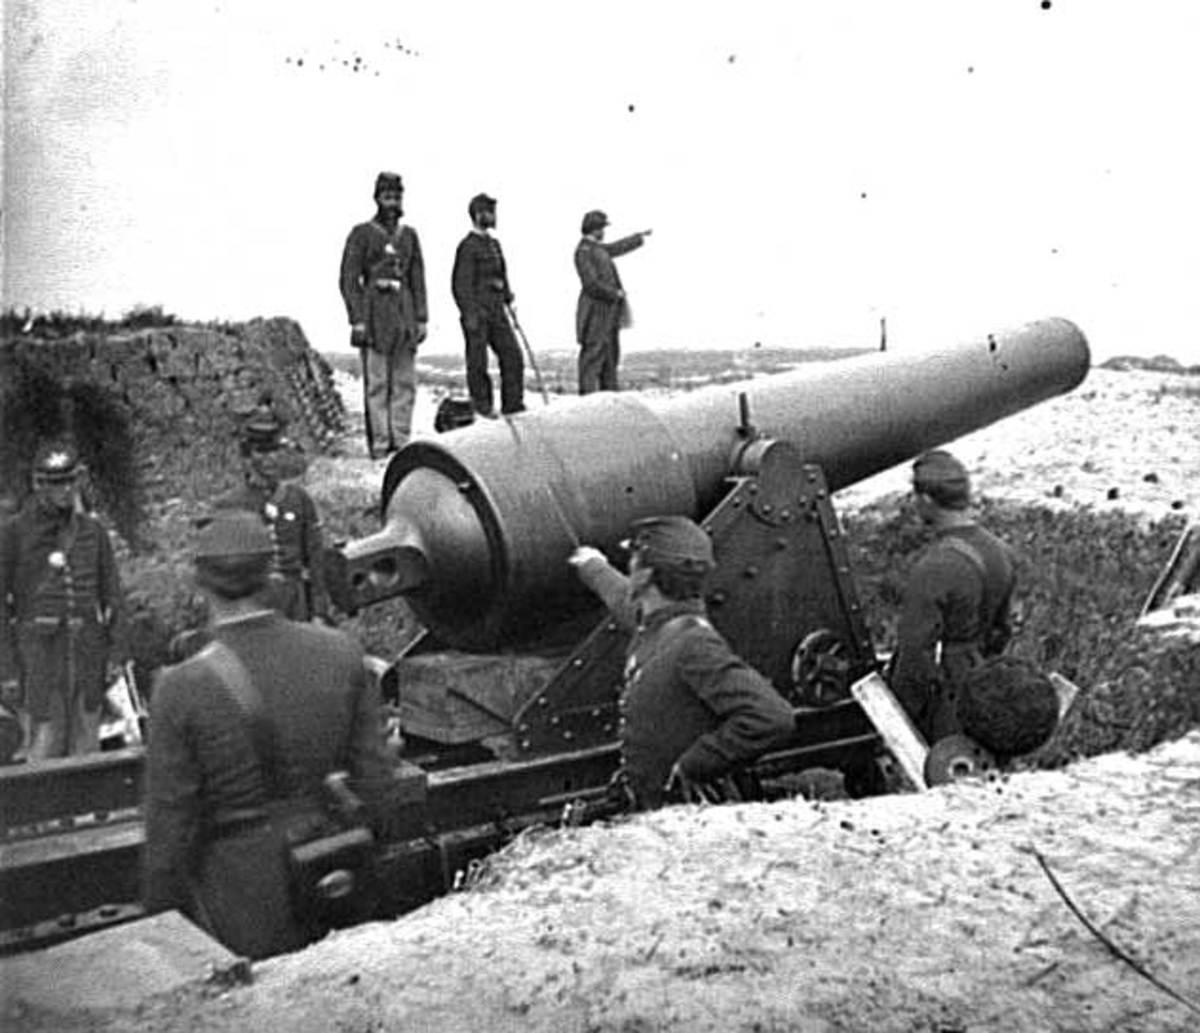 Civil War artillery - cannon fire